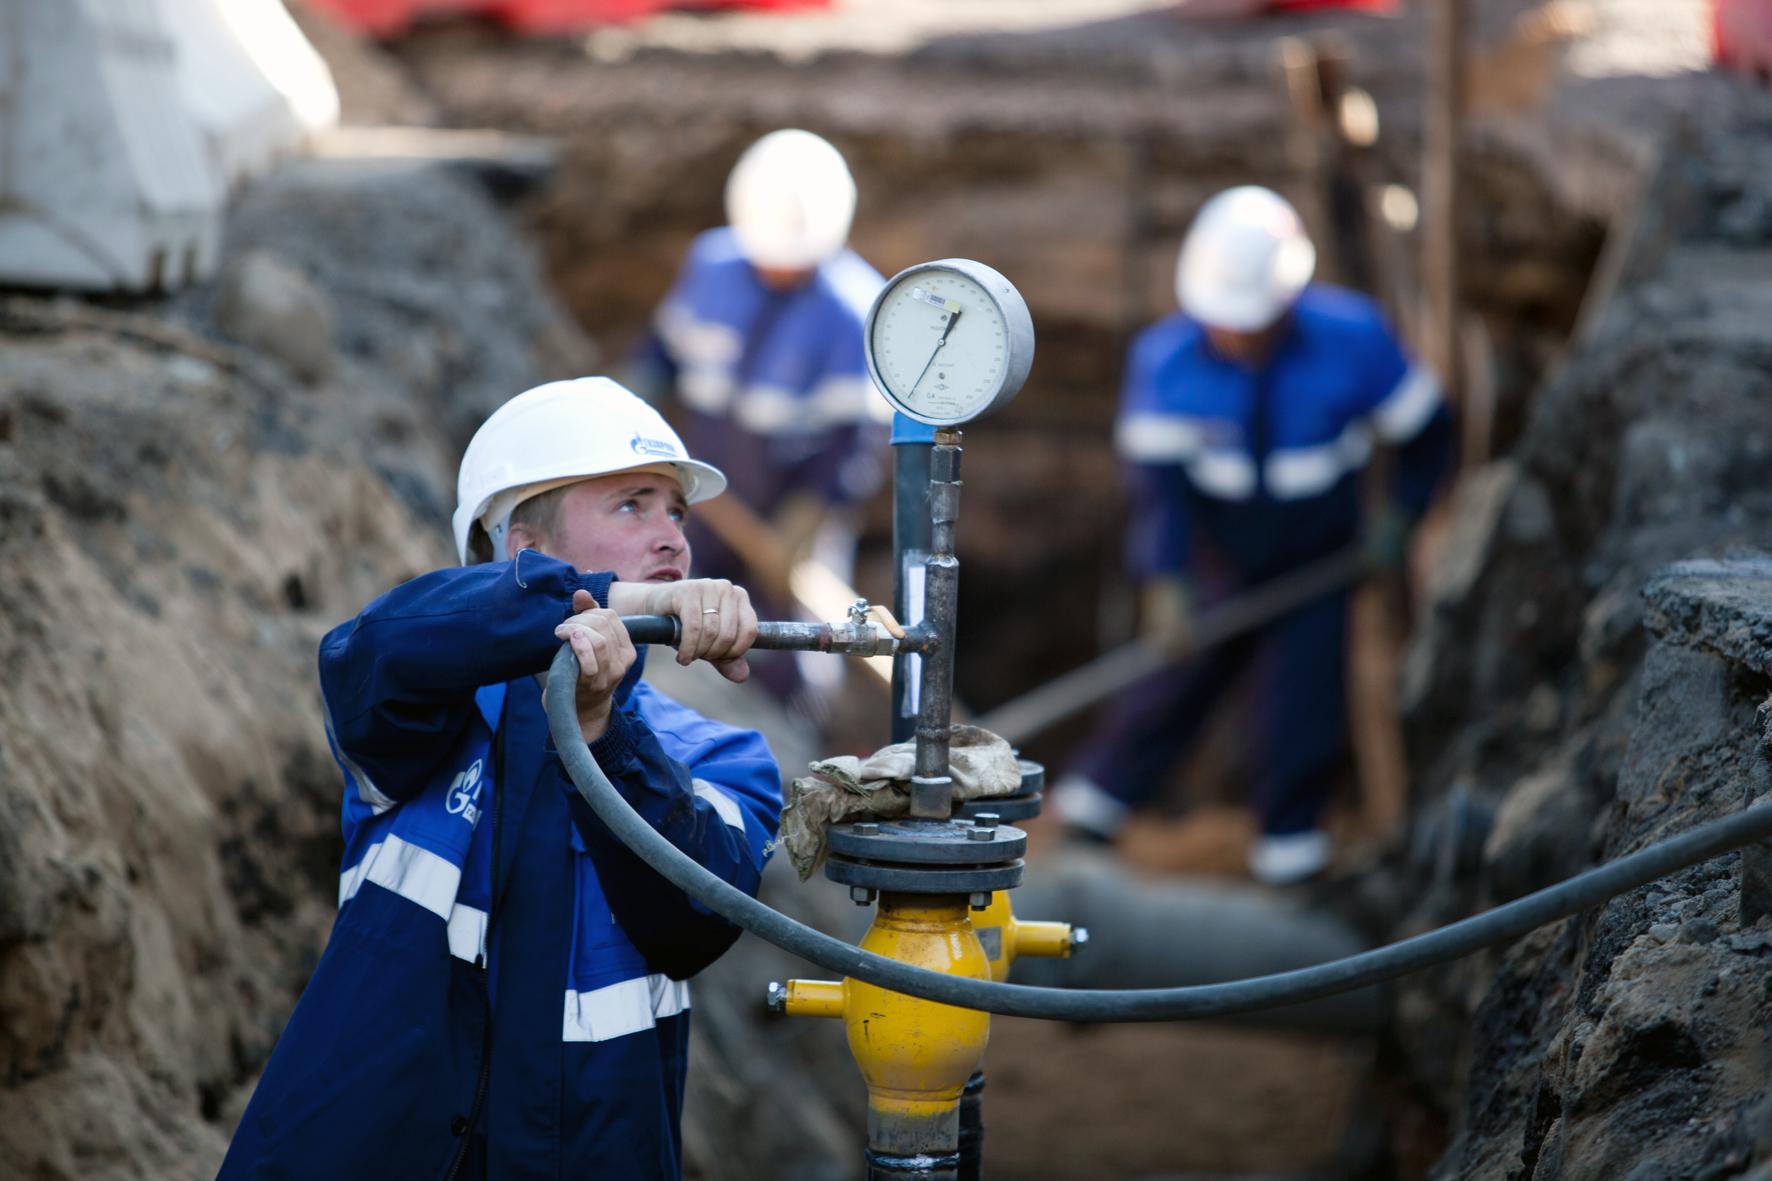 Новый десятикилометровый газопровод начали строить под Тверью